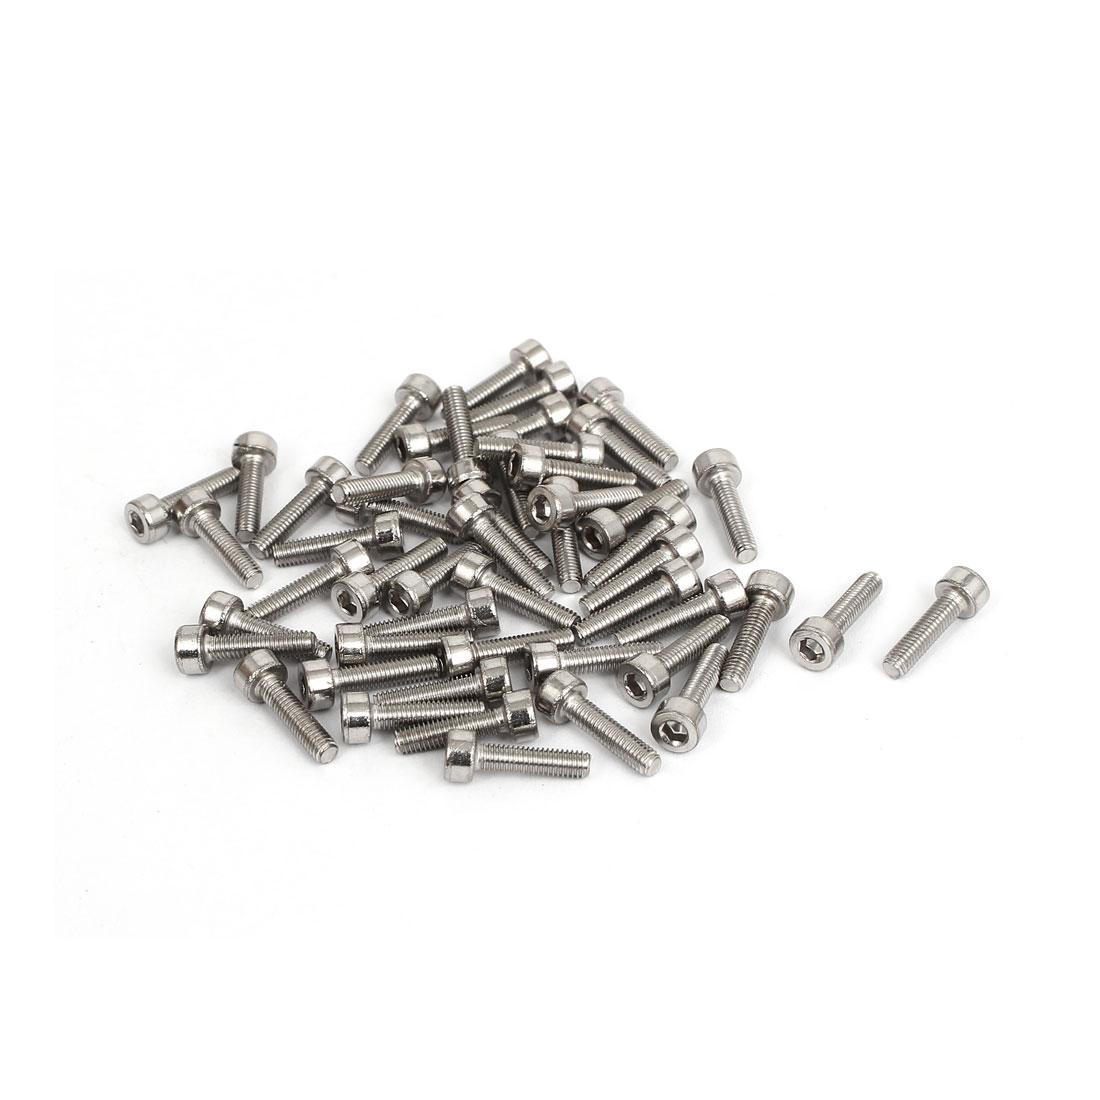 50pcs 2.5mm Stainless Steel Hex Key Socket Head Cap Screws Bolts M3x0.5mmx12mm